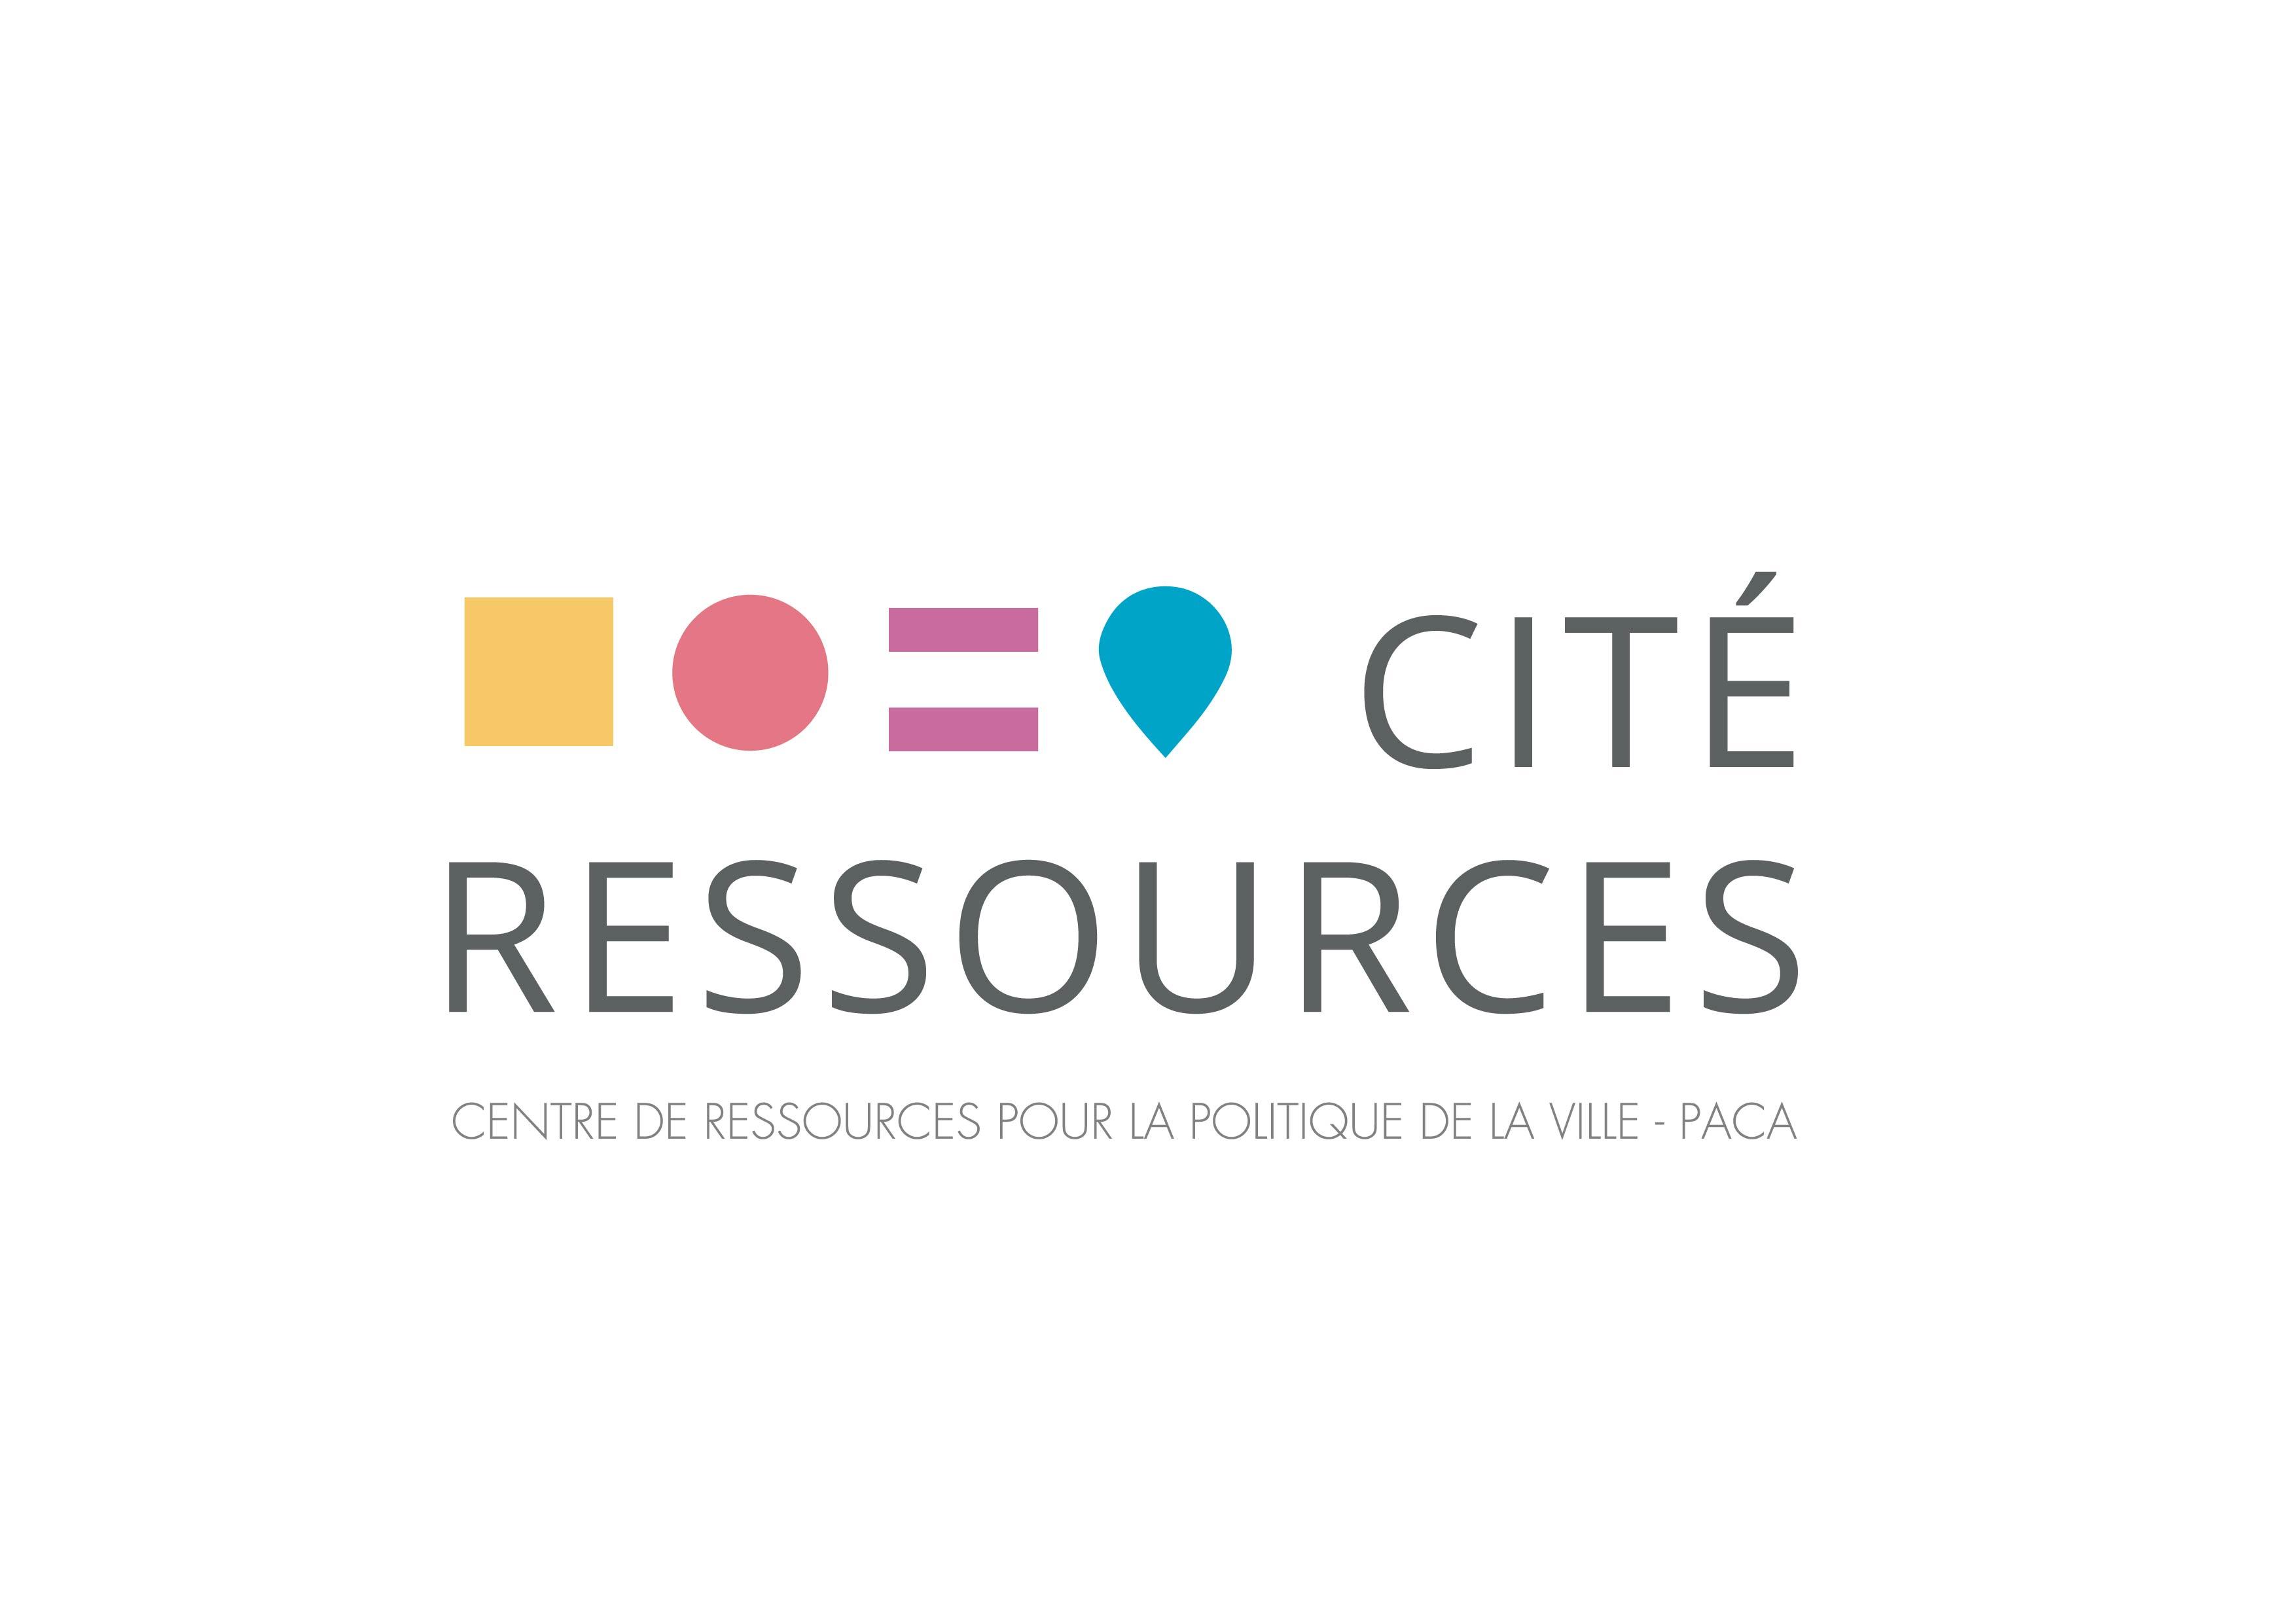 CITÉ RESSOURCES – Centre de Ressources Politique de la Ville PACA